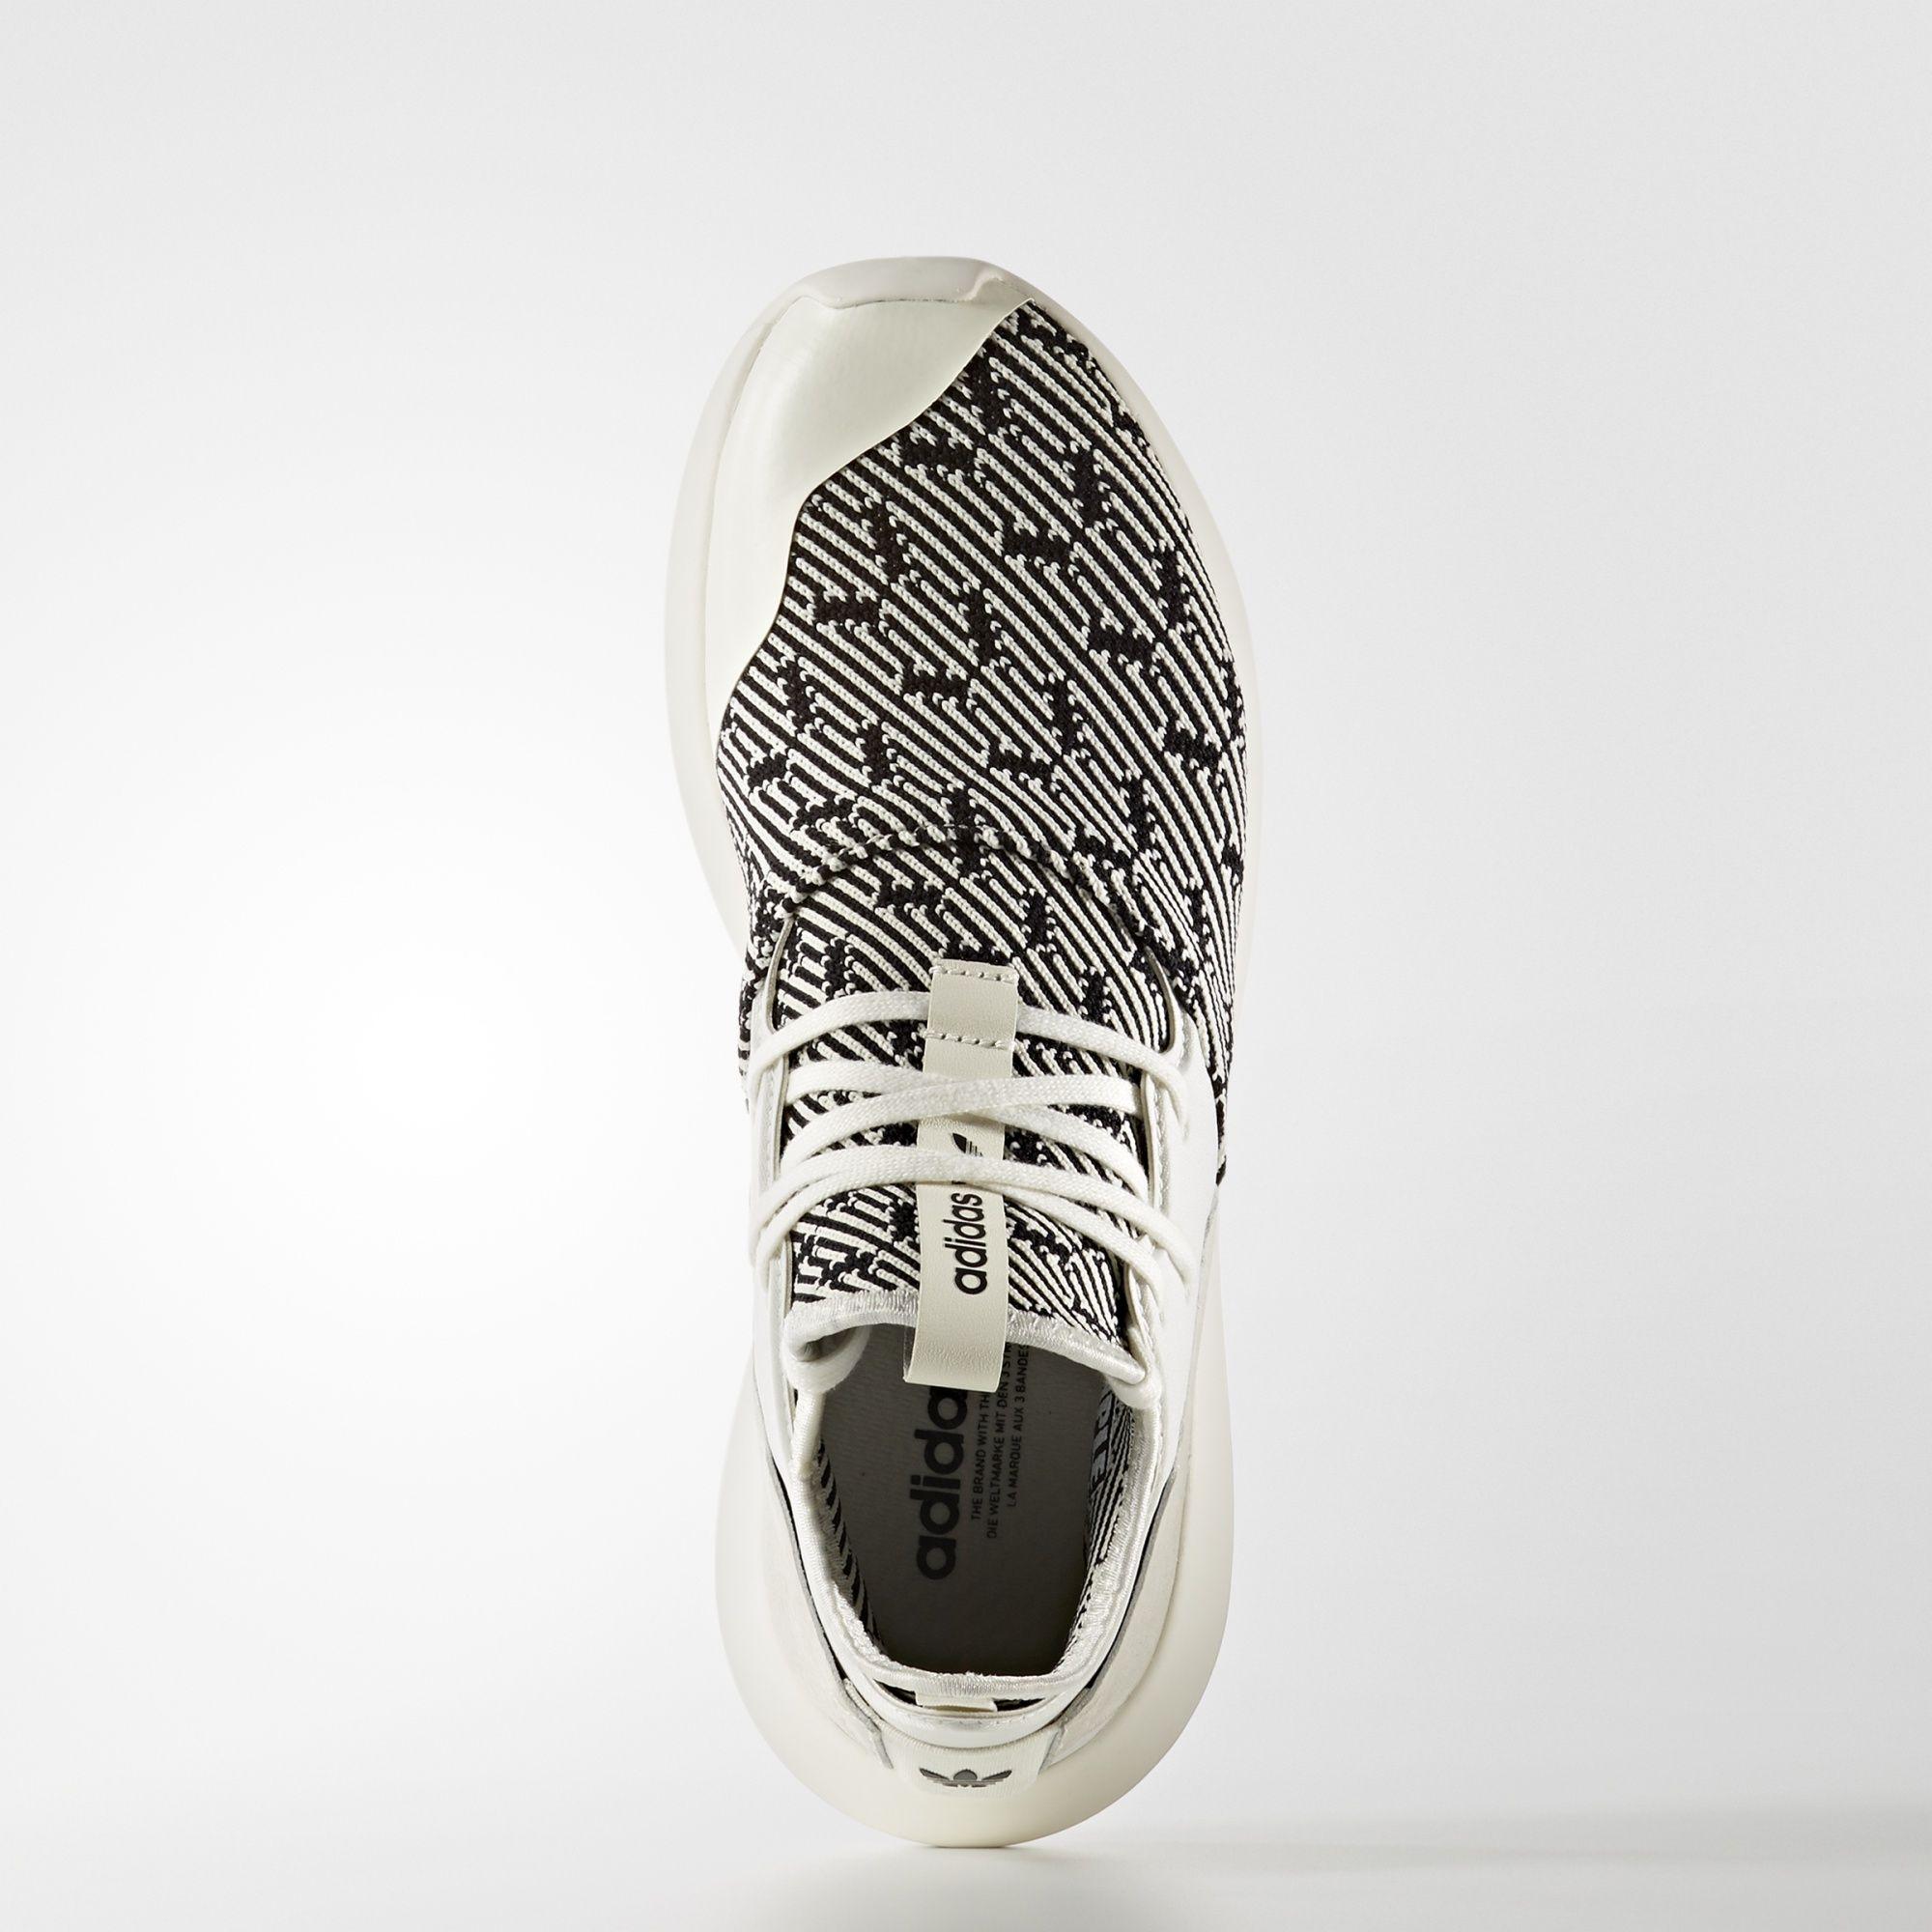 Cheap Adidas Originals Tubular Shoes for Womens 2017